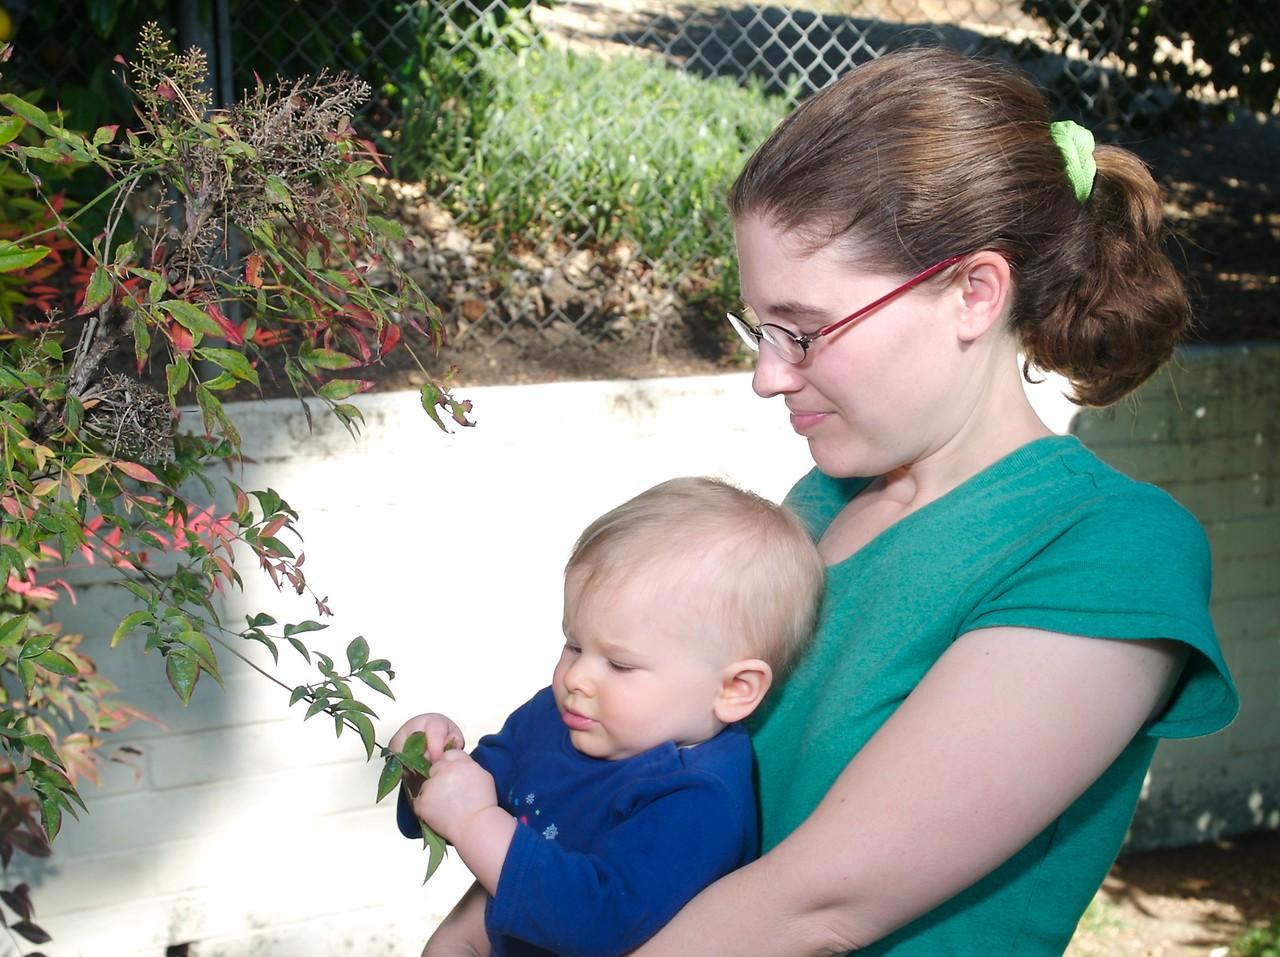 Touching the leaves in grandma and grandpa's backyard. 1/24